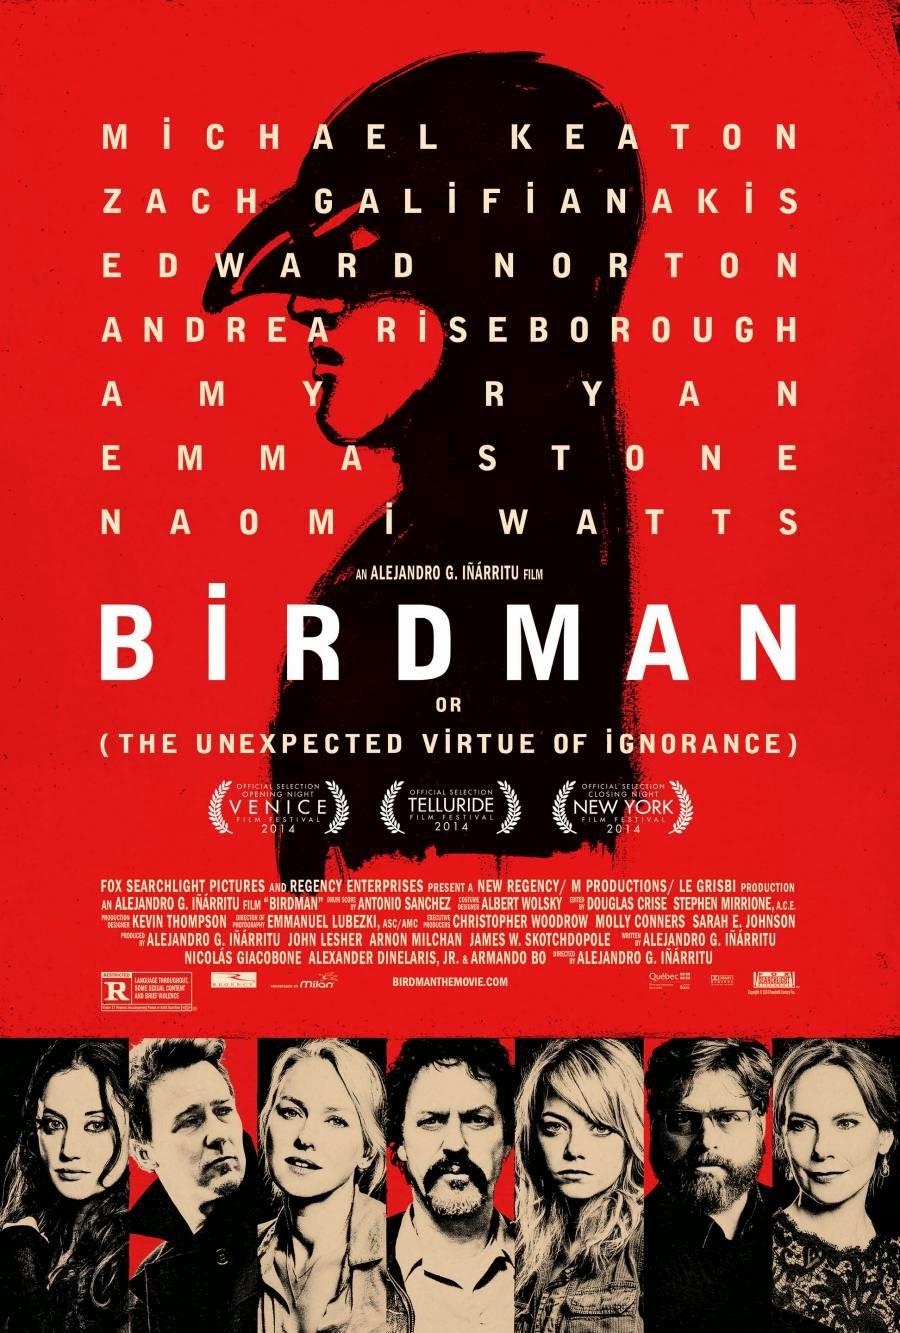 birdman czyli nieoczekiwane pożytki z niewiedzy recenzja filmu plakat michael keaton emma stone